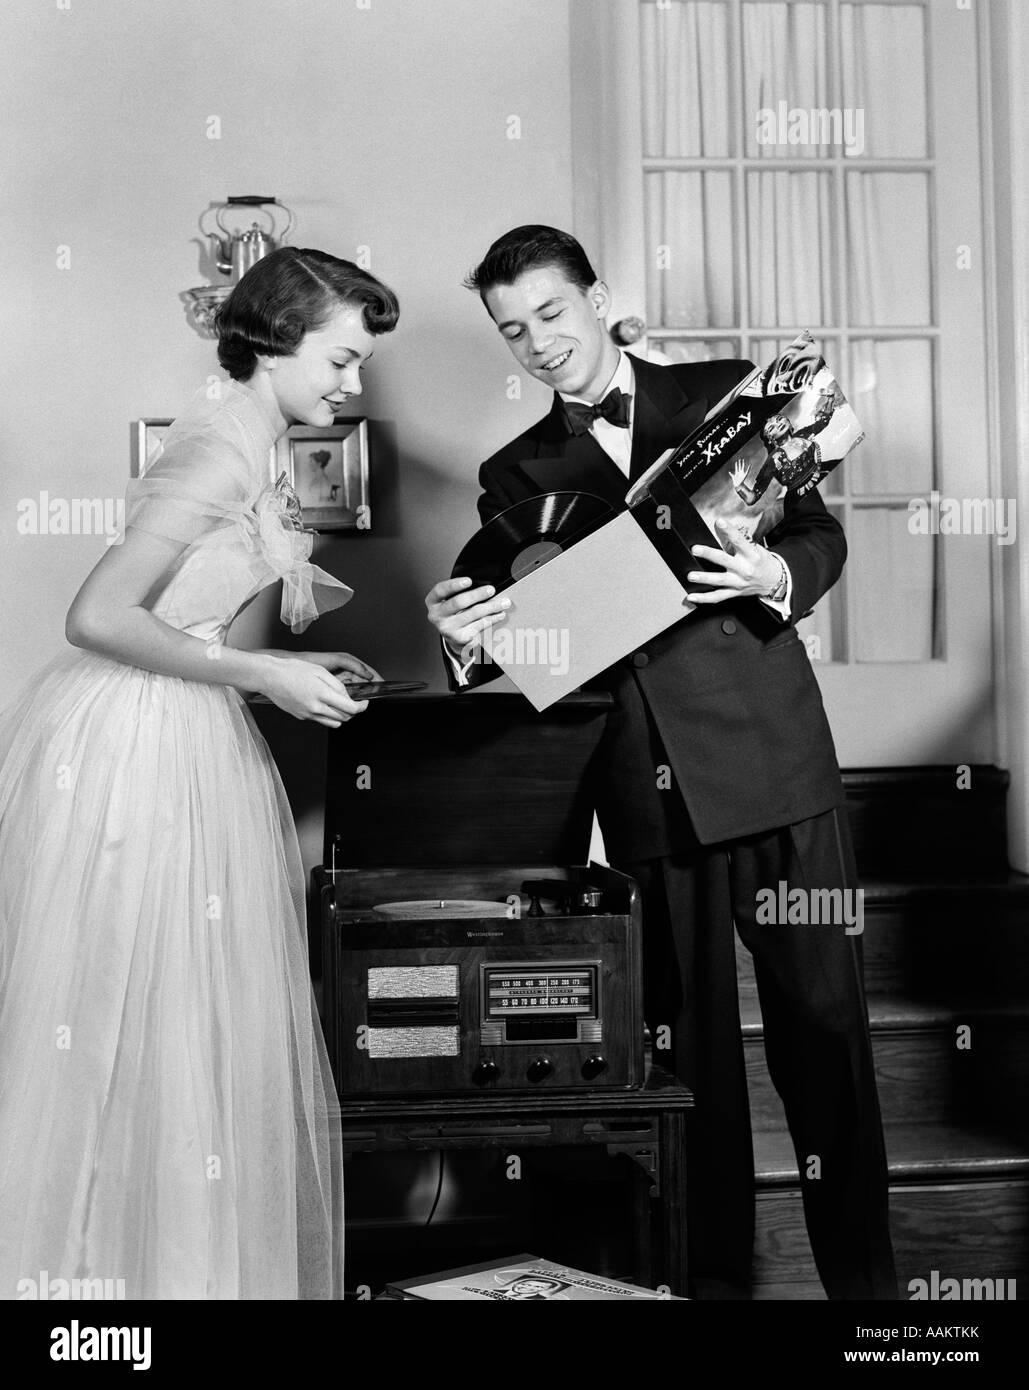 1950s formal wear